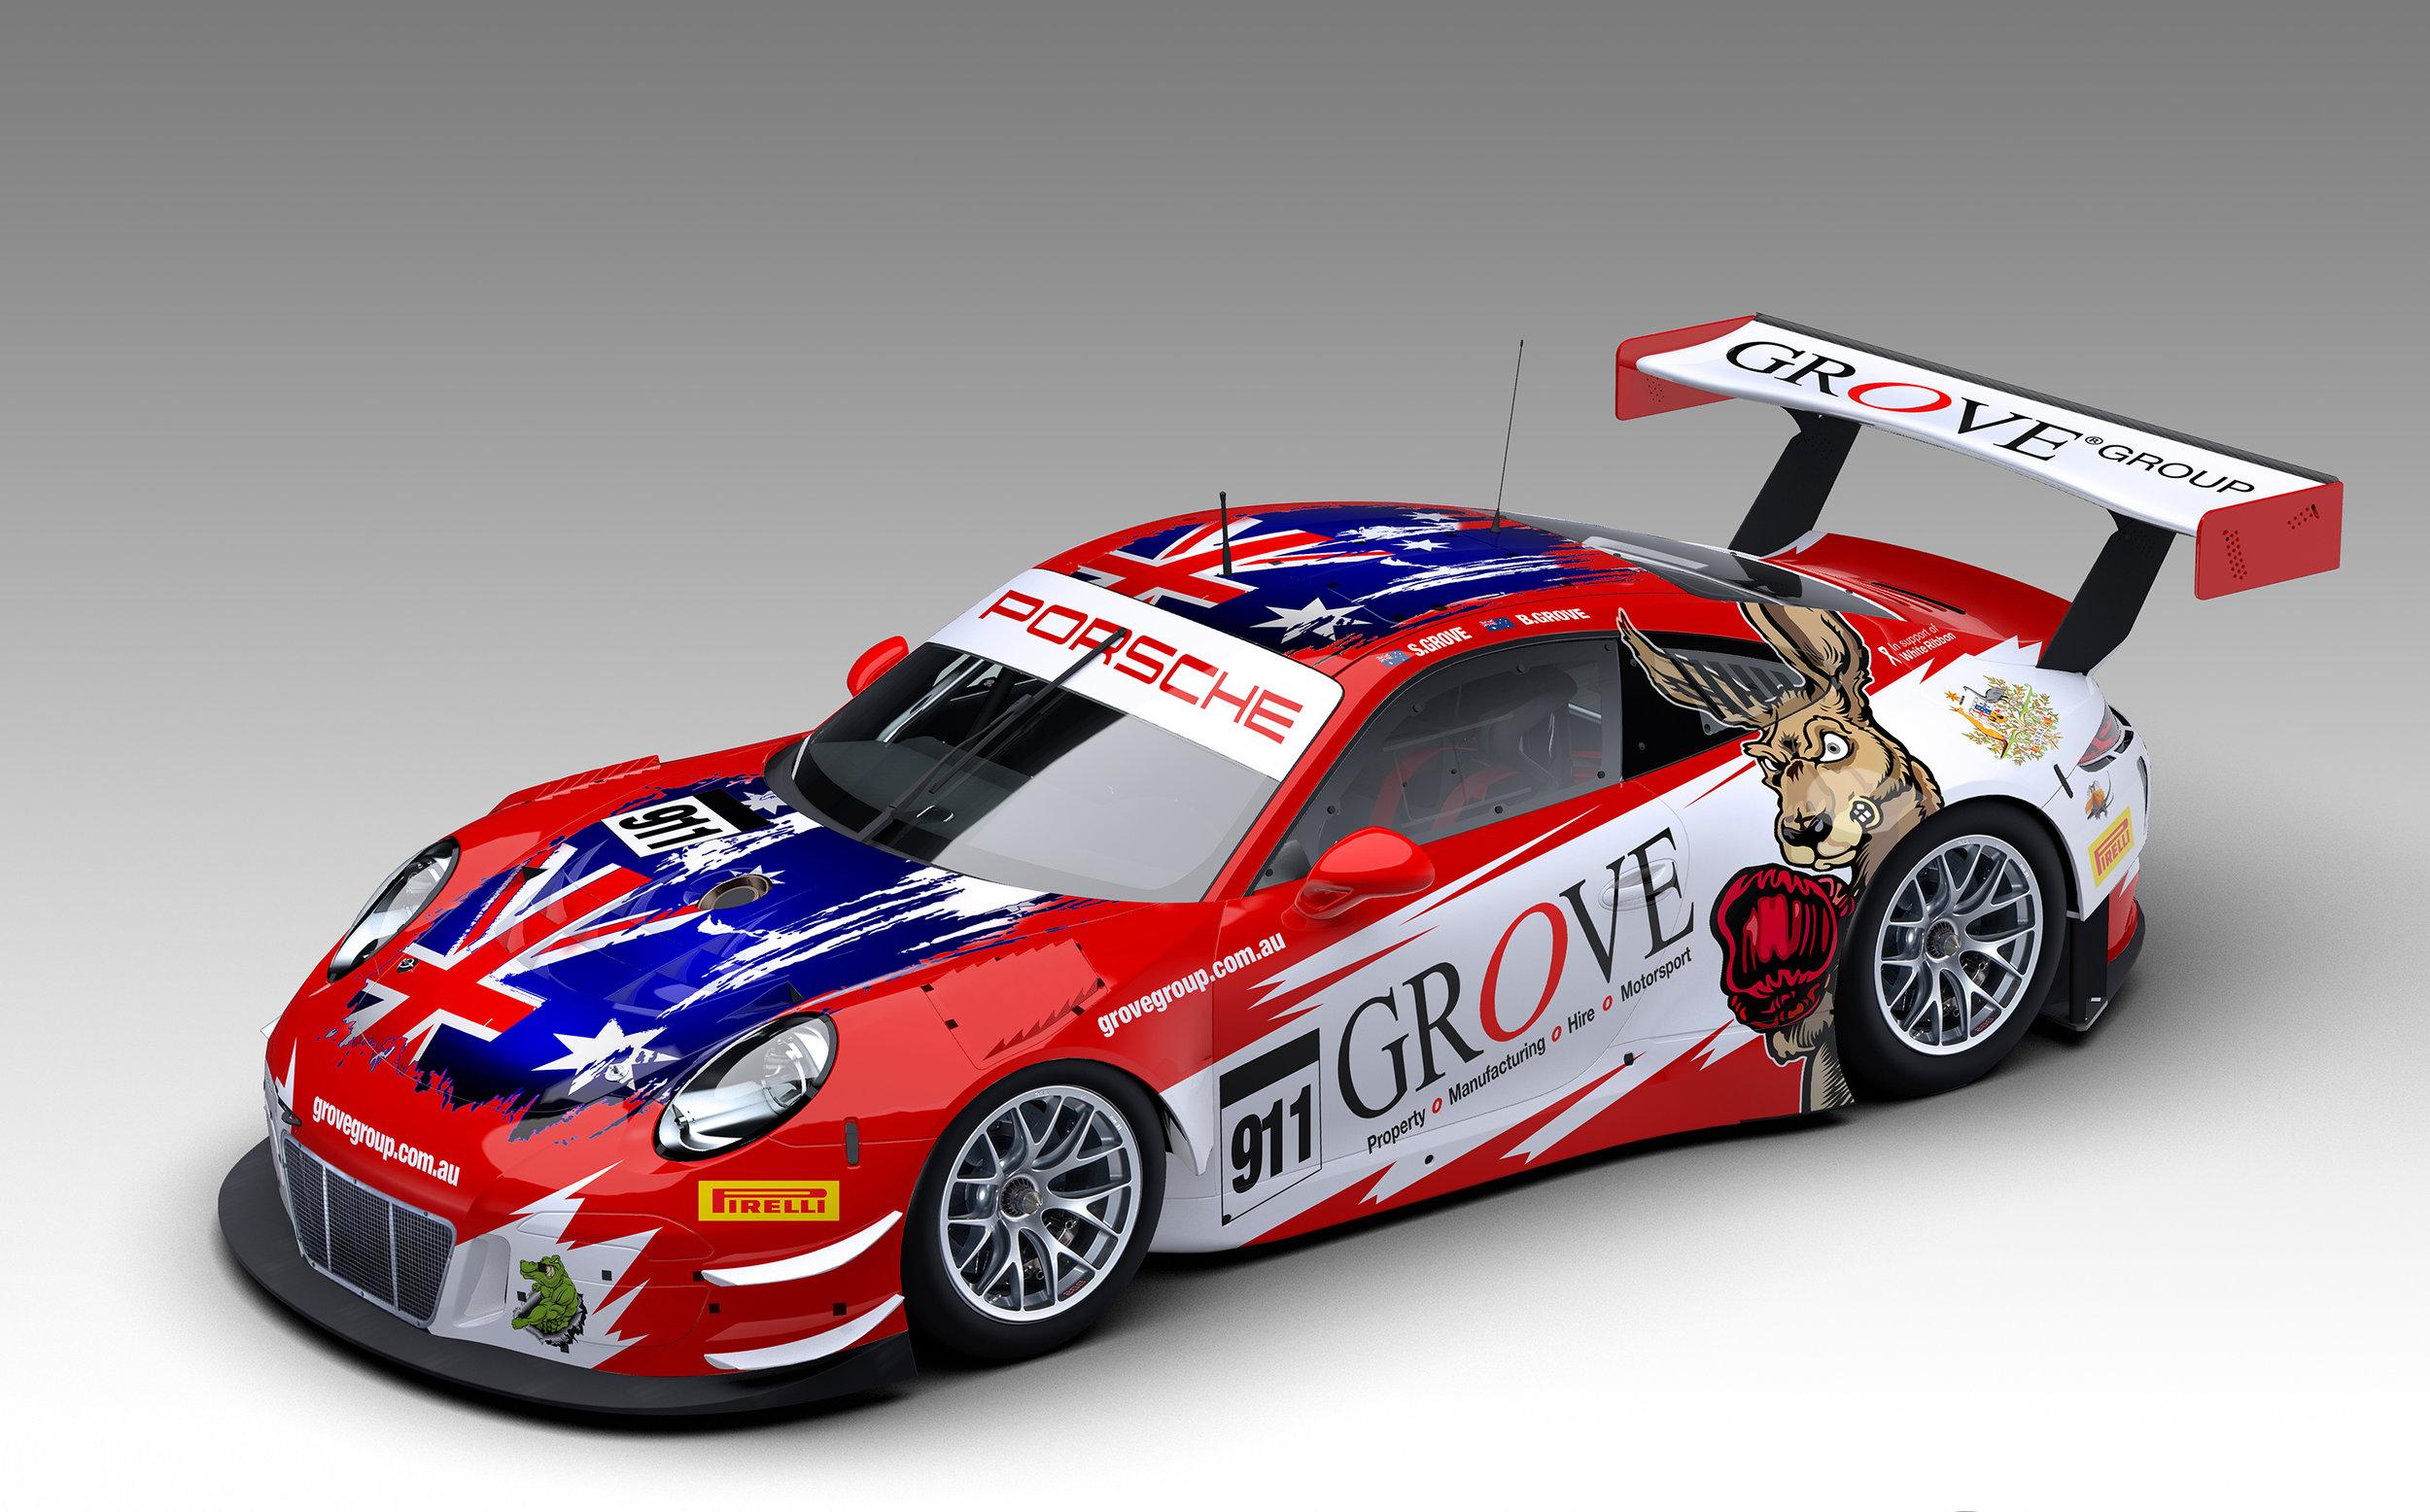 2018 SG BG Porsche GTR3 3-4 view v2.jpg